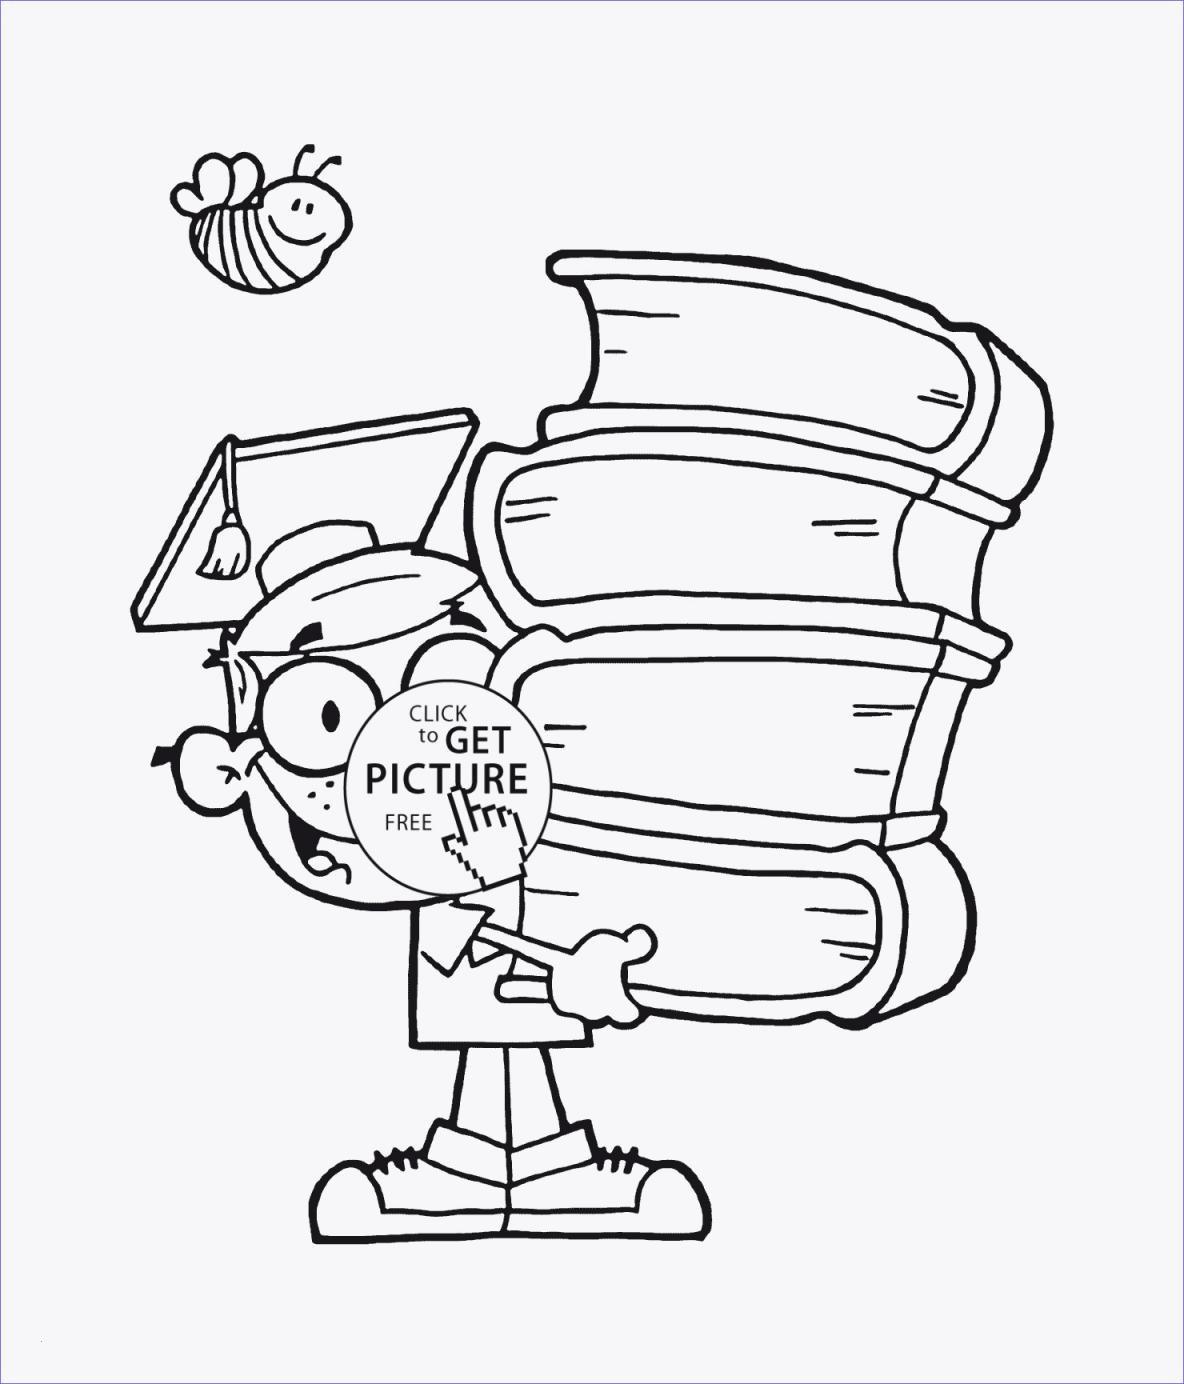 Happy Birthday Zum Ausmalen Einzigartig 45 Frisch Ausmalbilder Joker Mickeycarrollmunchkin Bild